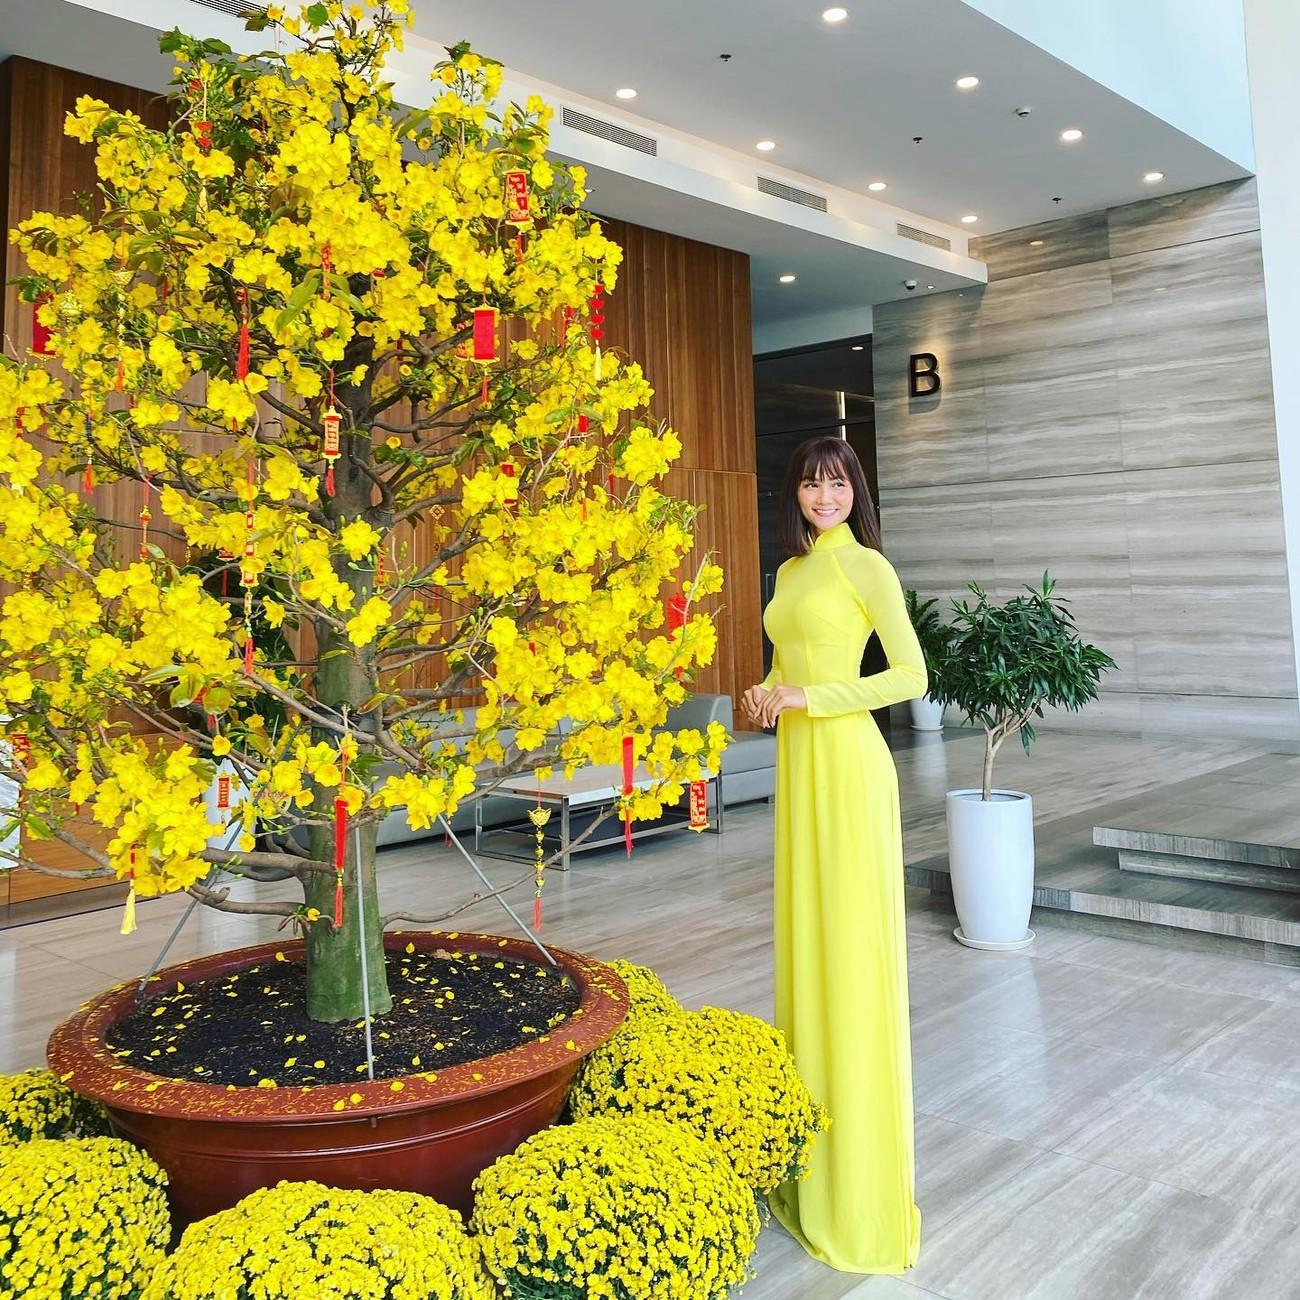 Hoa hậu Tiểu Vy khoe ảnh mẹ diện áo dài ngày mùng 1 Tết, fans trầm trồ vì nhan sắc trẻ đẹp ảnh 8